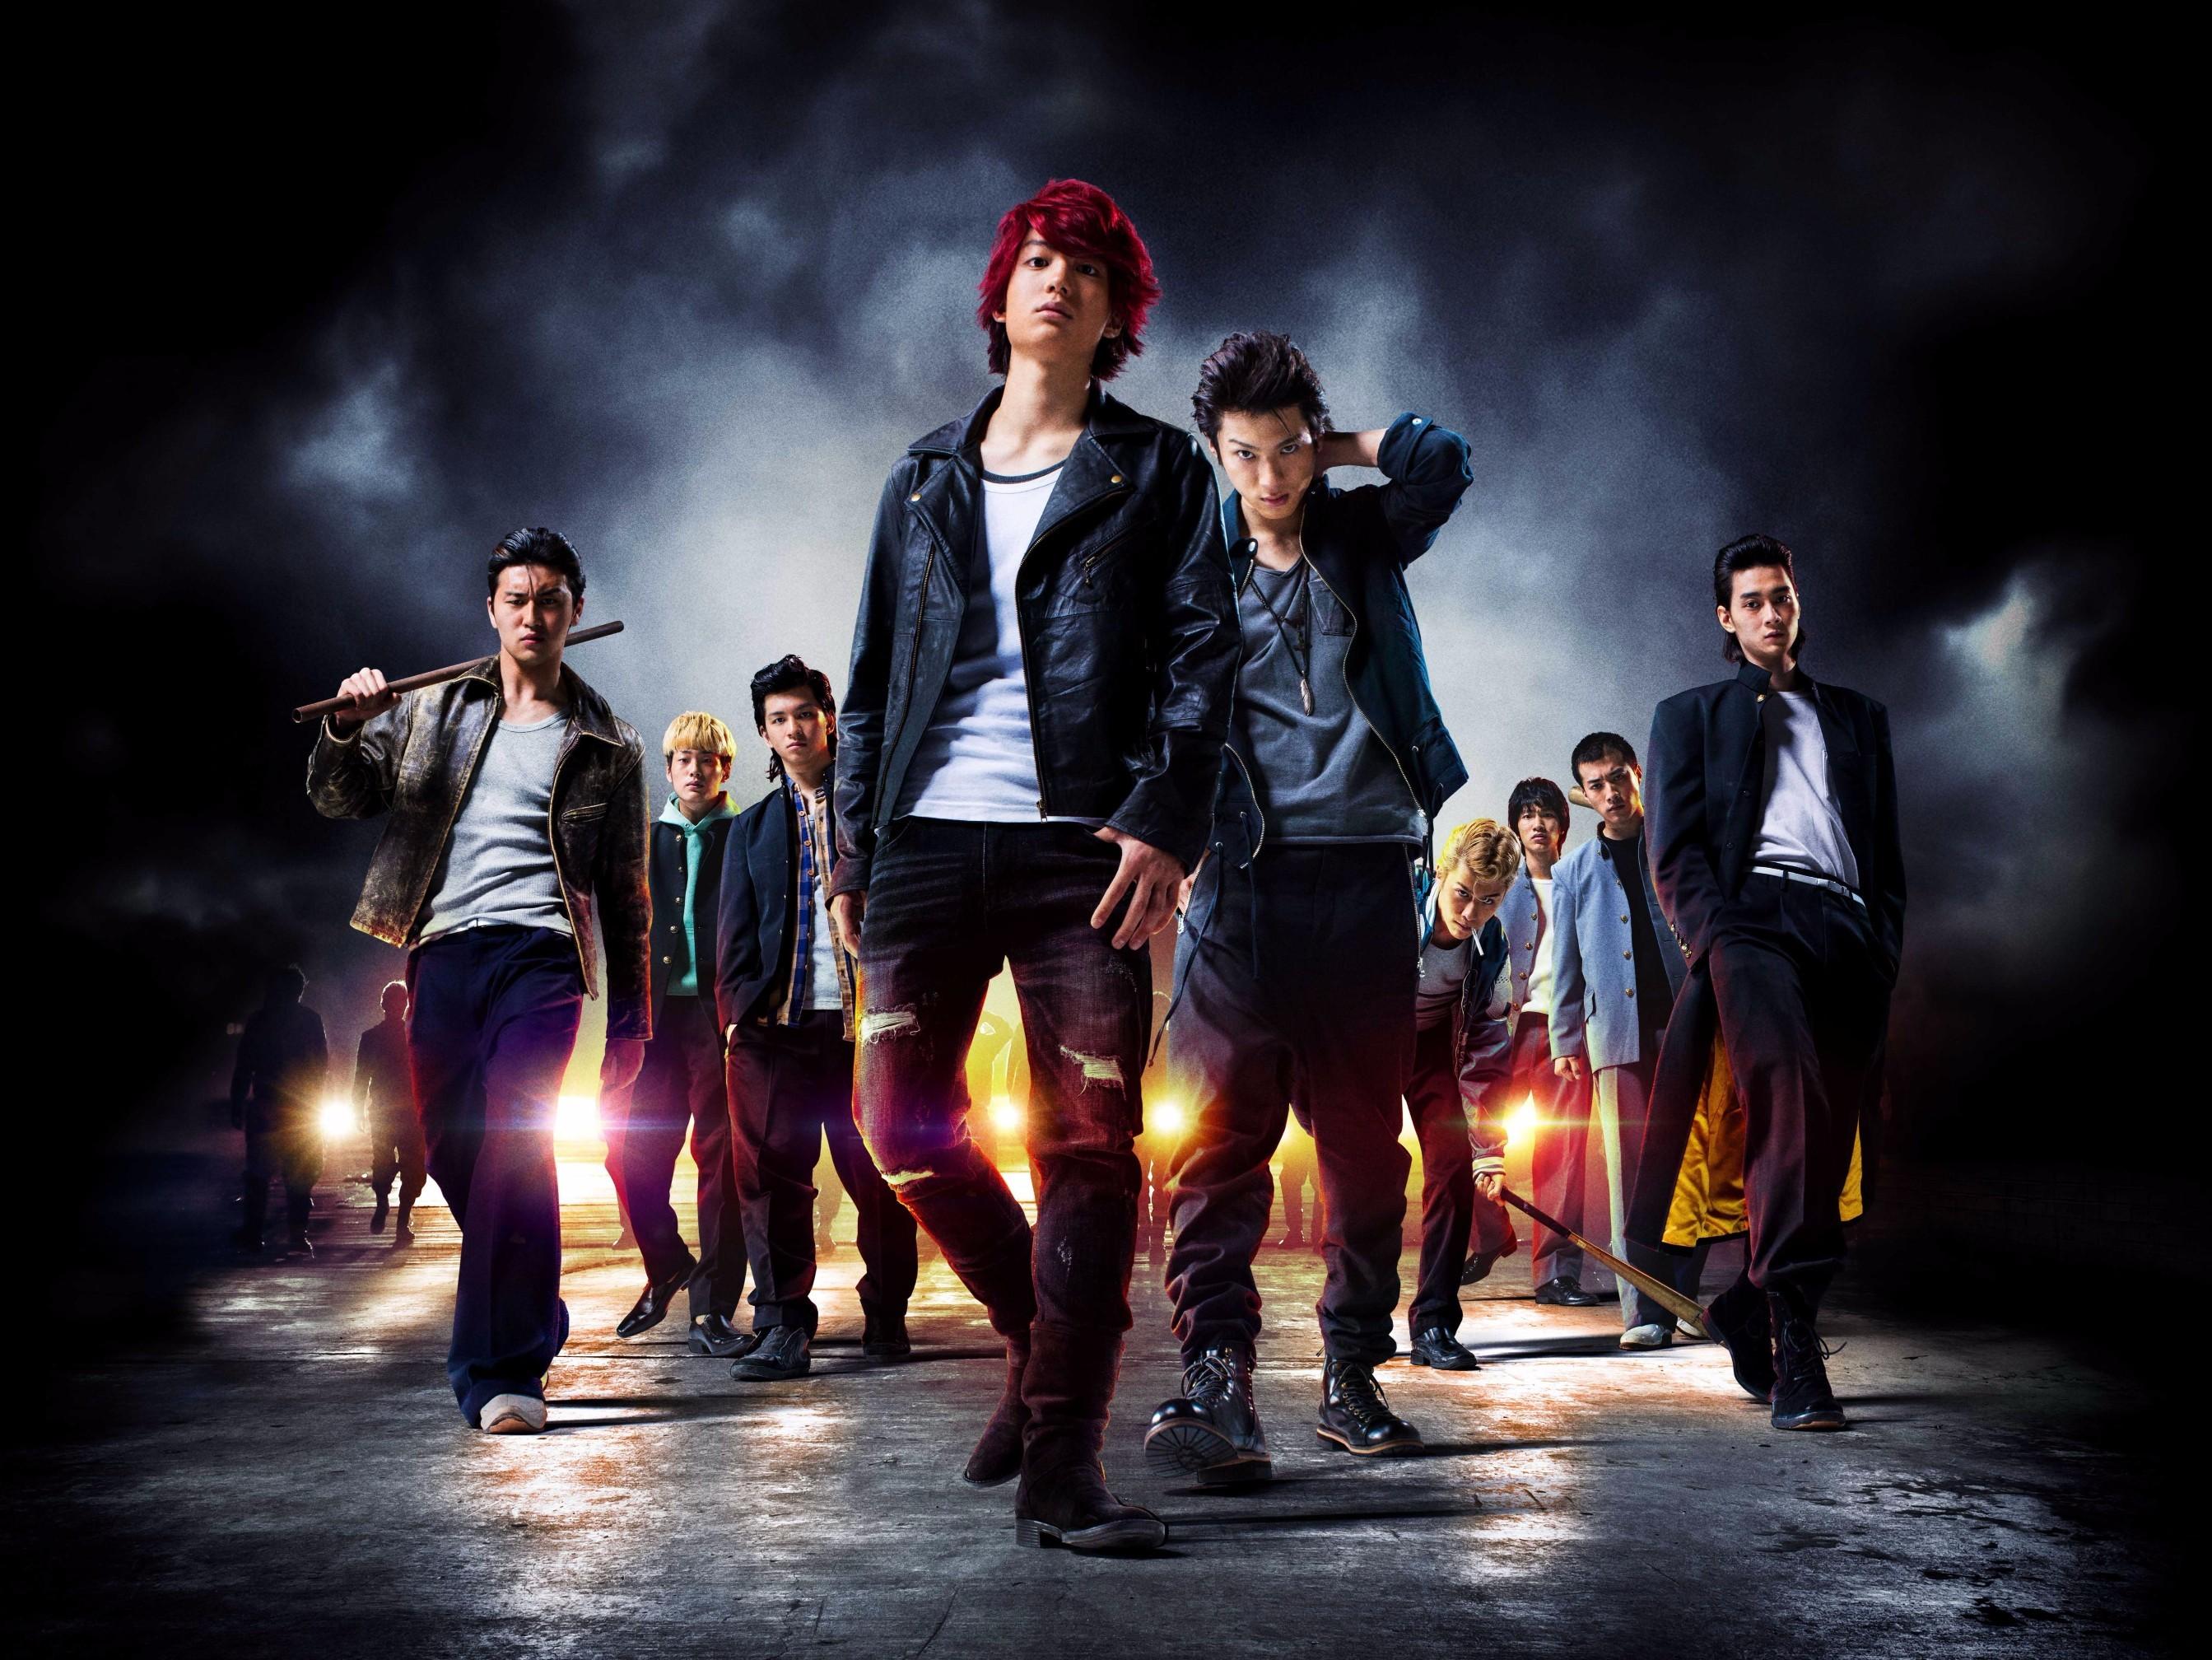 左から、岩永ジョーイ、髙橋里恩、田中偉登、健太郎、山田裕貴、神永圭佑、三村和敬、福山翔大、栁俊太郎